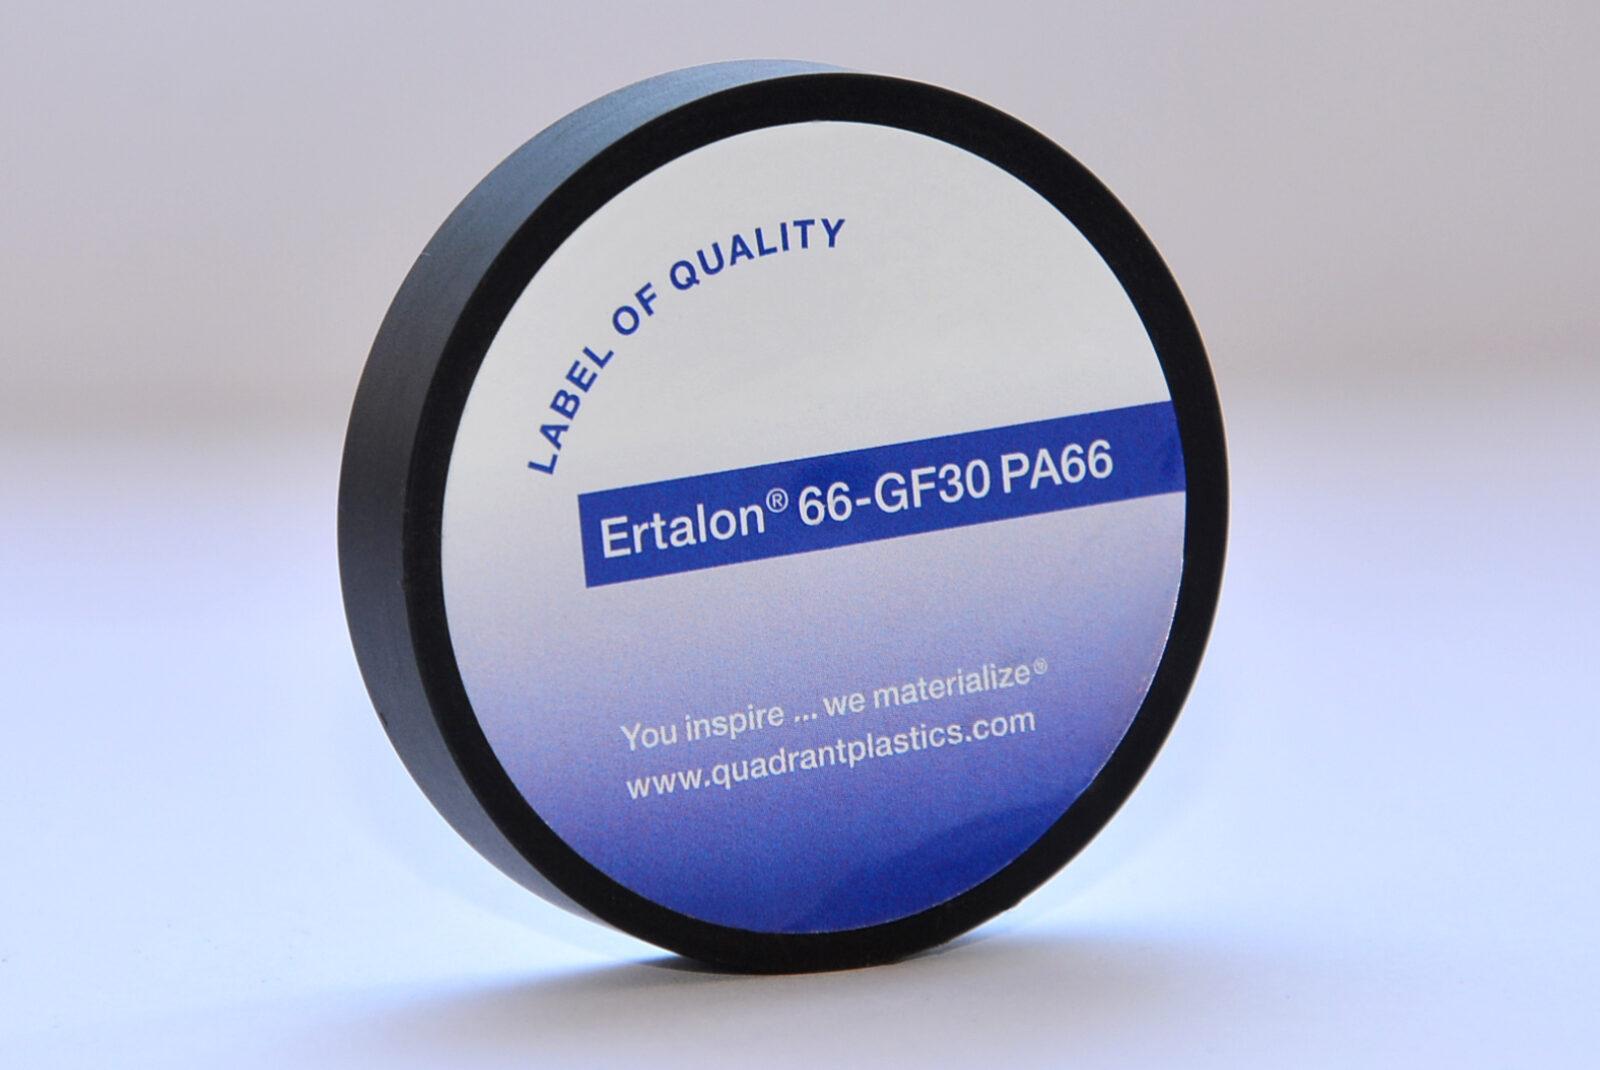 Ertalon 66-GF30 PA66